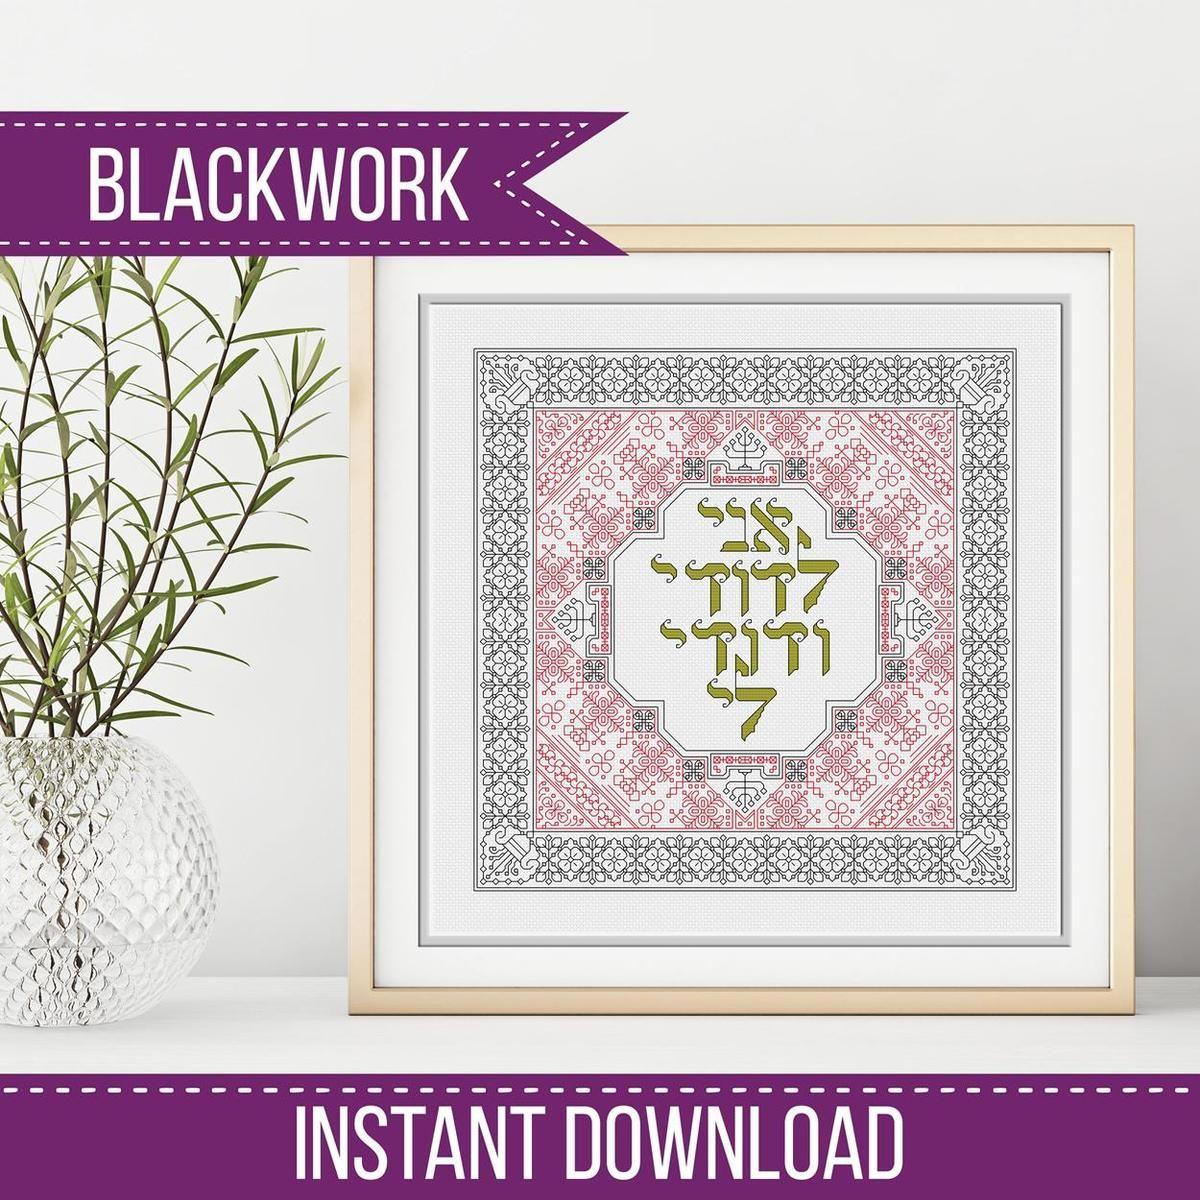 Blackwork Pattern - Beloved Blackwork